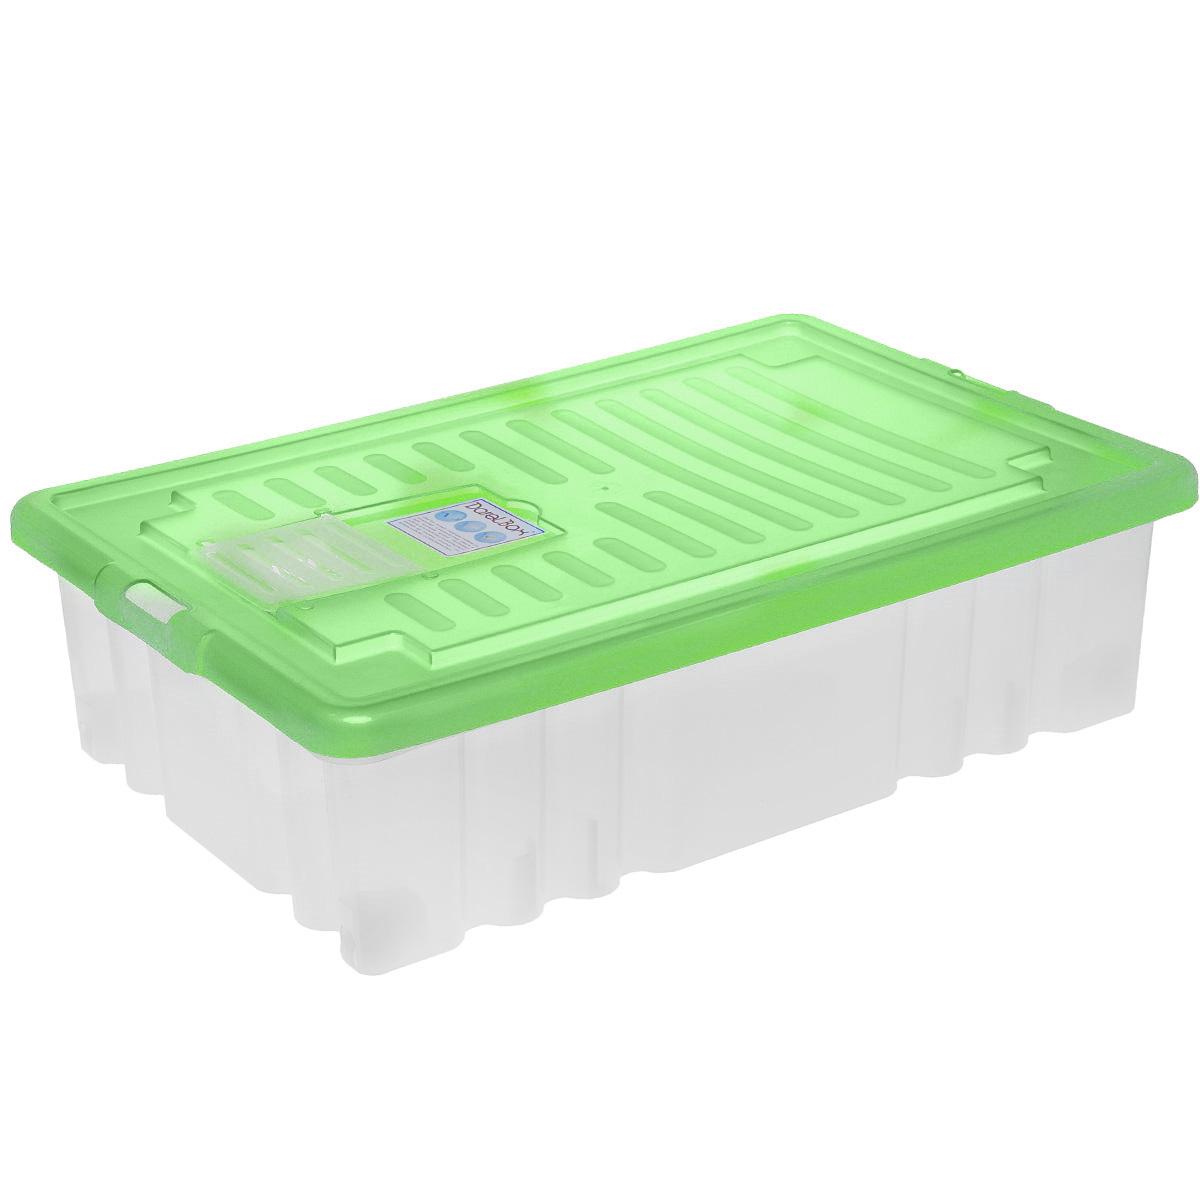 Ящик Darel Box, с крышкой, цвет: прозрачный, салатовый, 36 л ящик darel box с крышкой цвет салатовый прозрачный 18 л